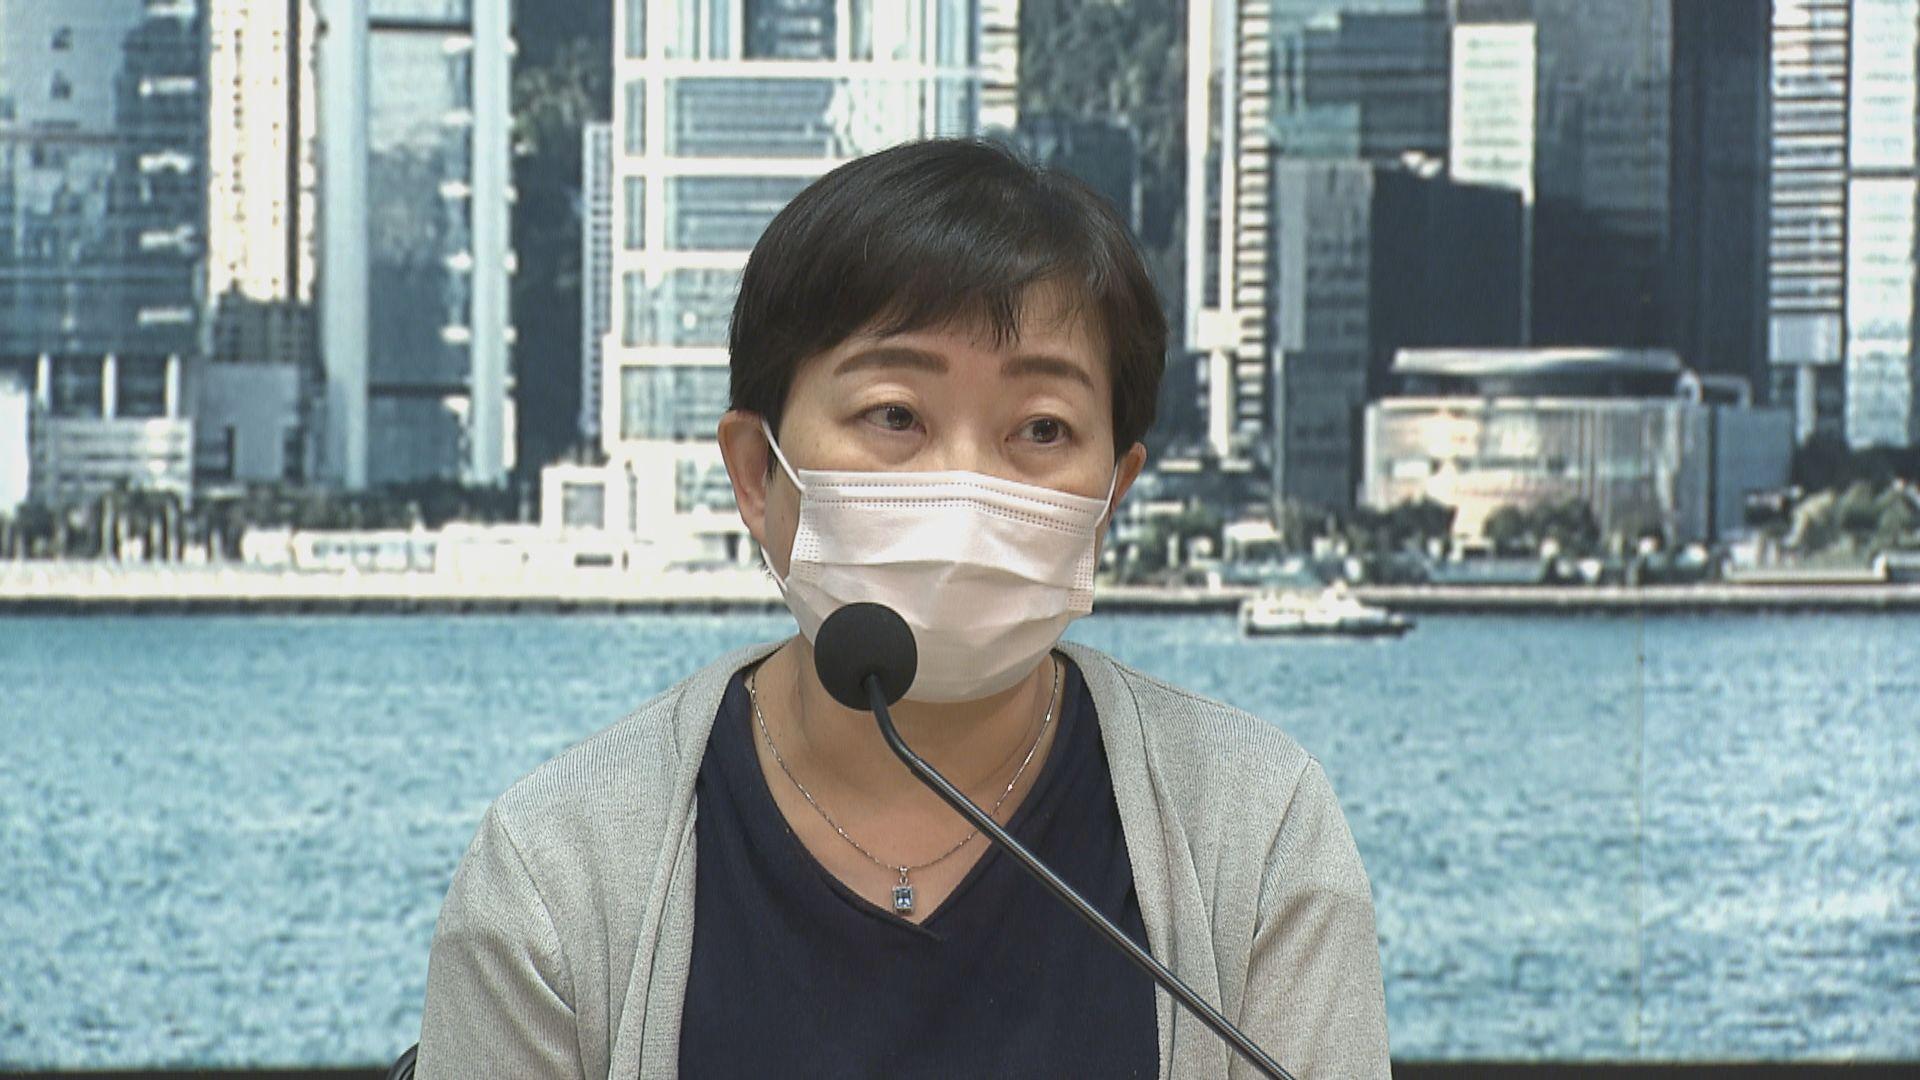 身處廣東省港人明起禁以回港易返港豁免檢疫